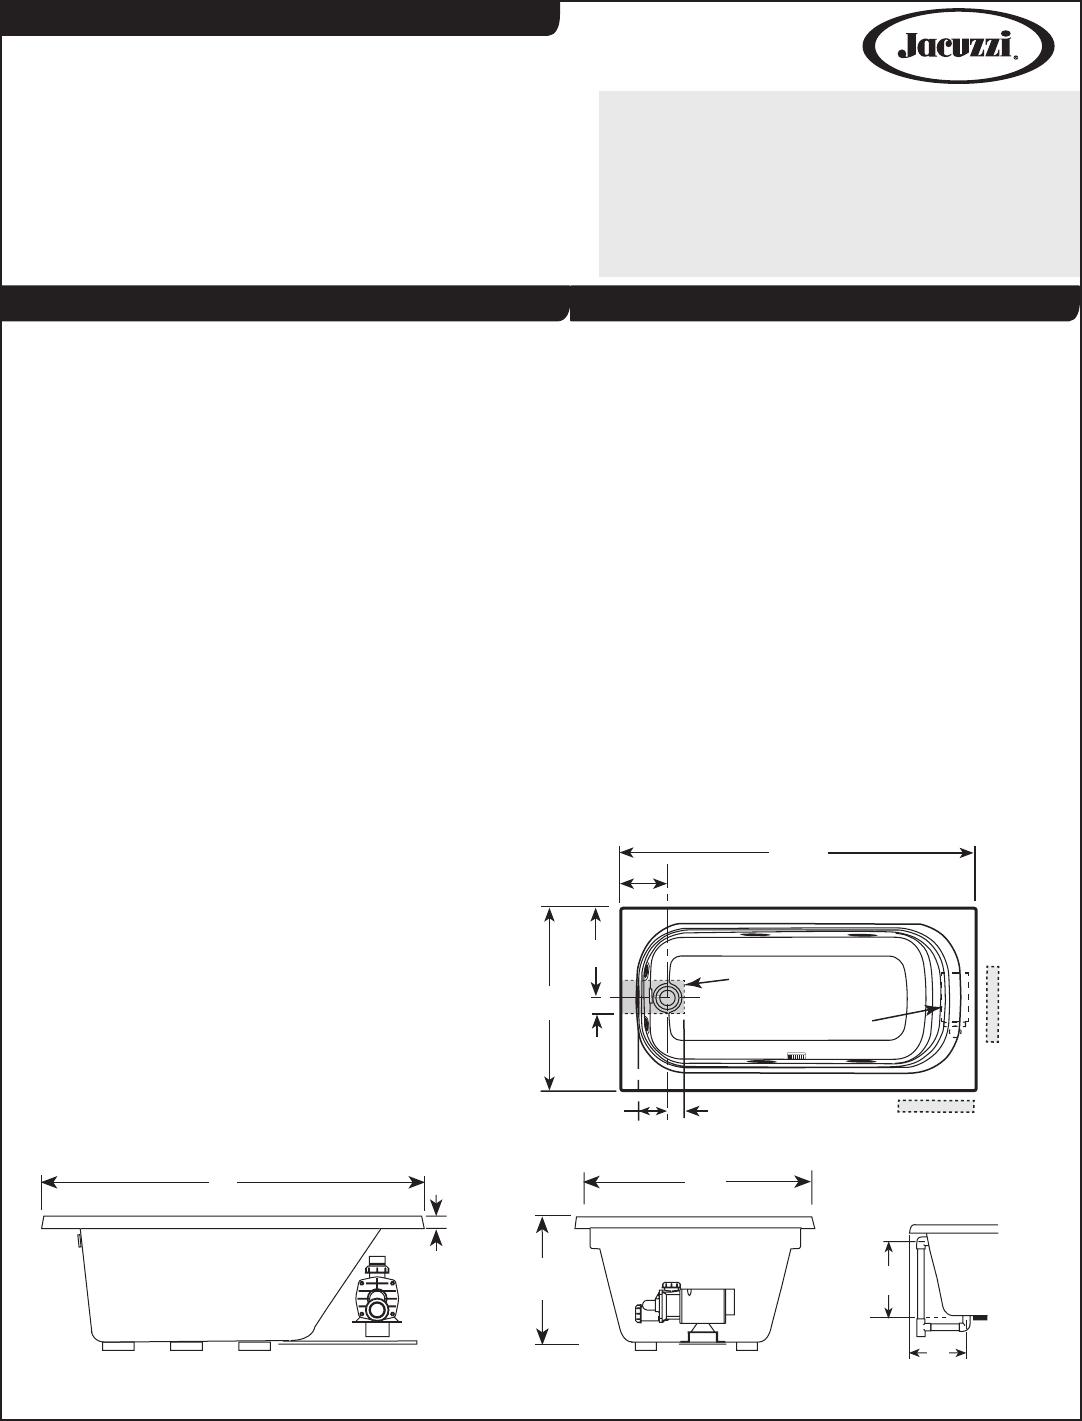 Jacuzzi Bathroom Aids F946 User Guide | ManualsOnline.com